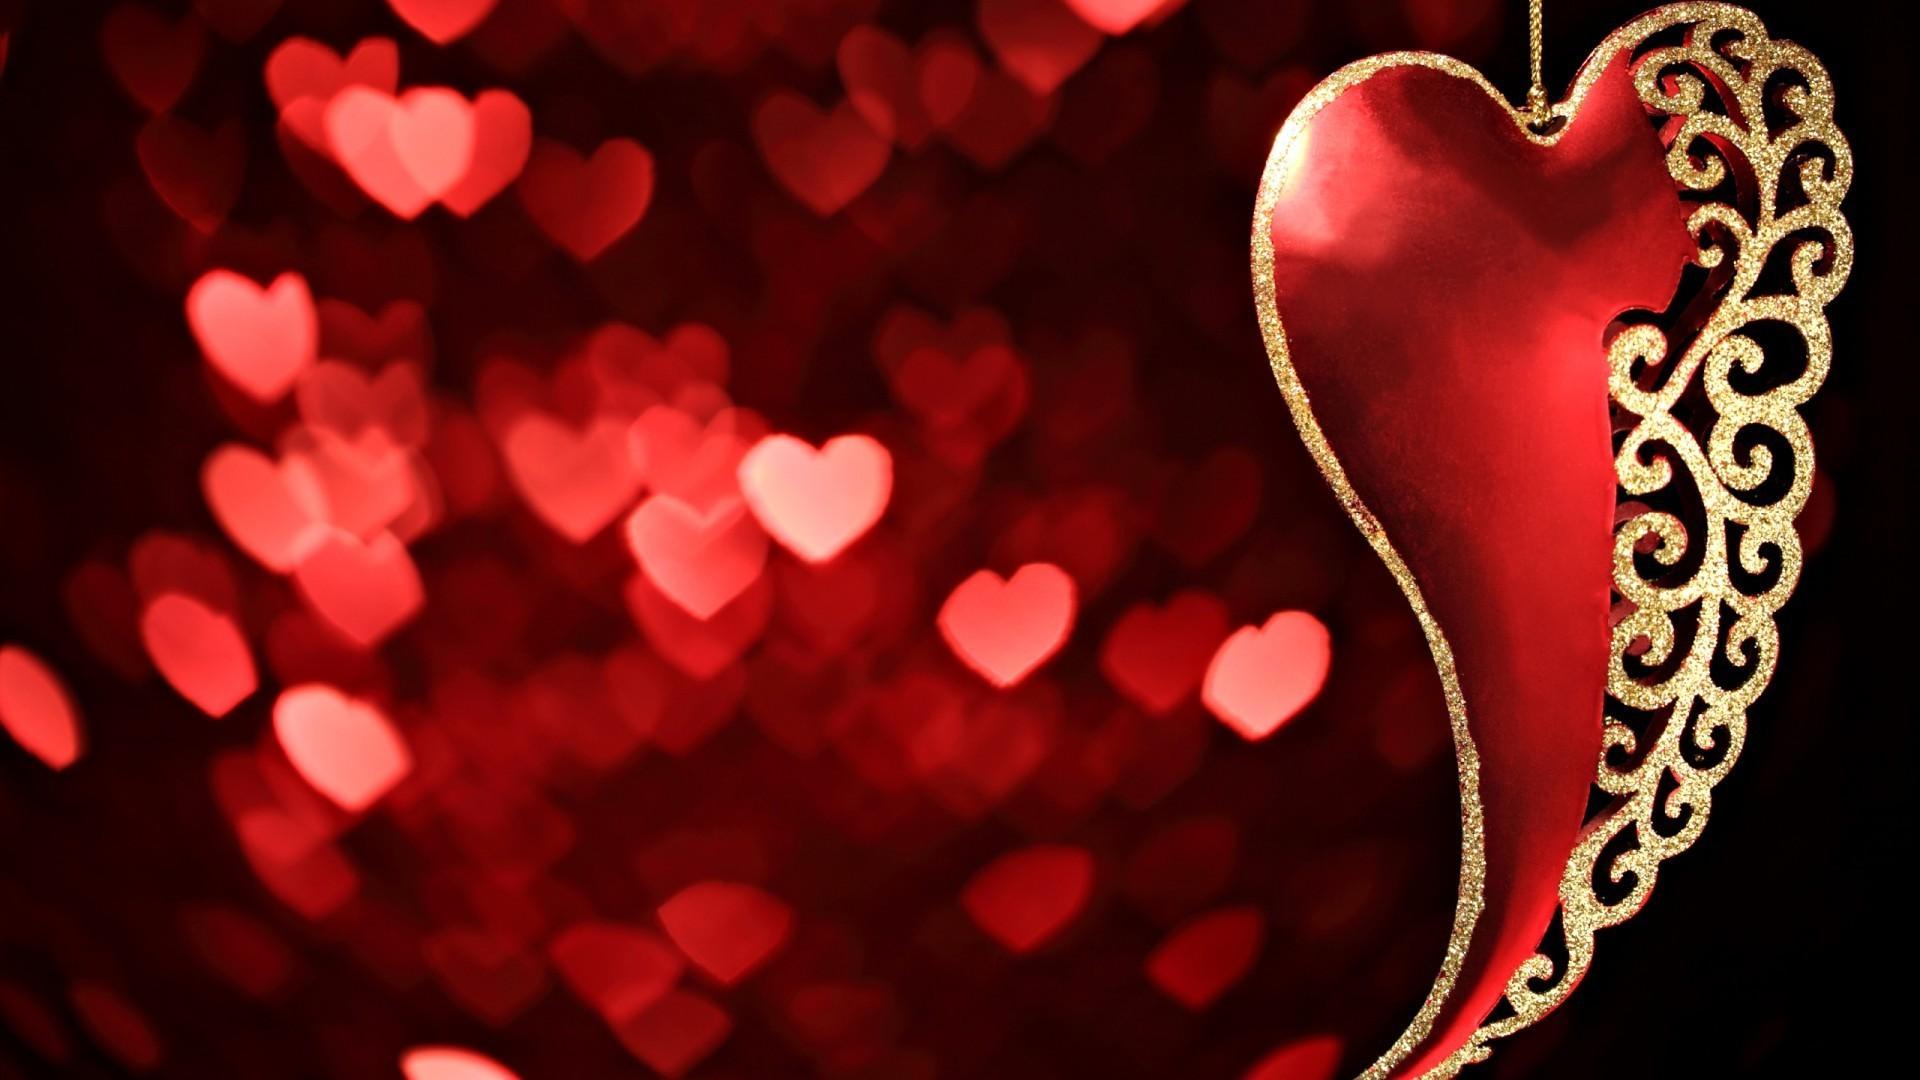 есть показать картинки красивые сердца заполнении заявления нарушениях